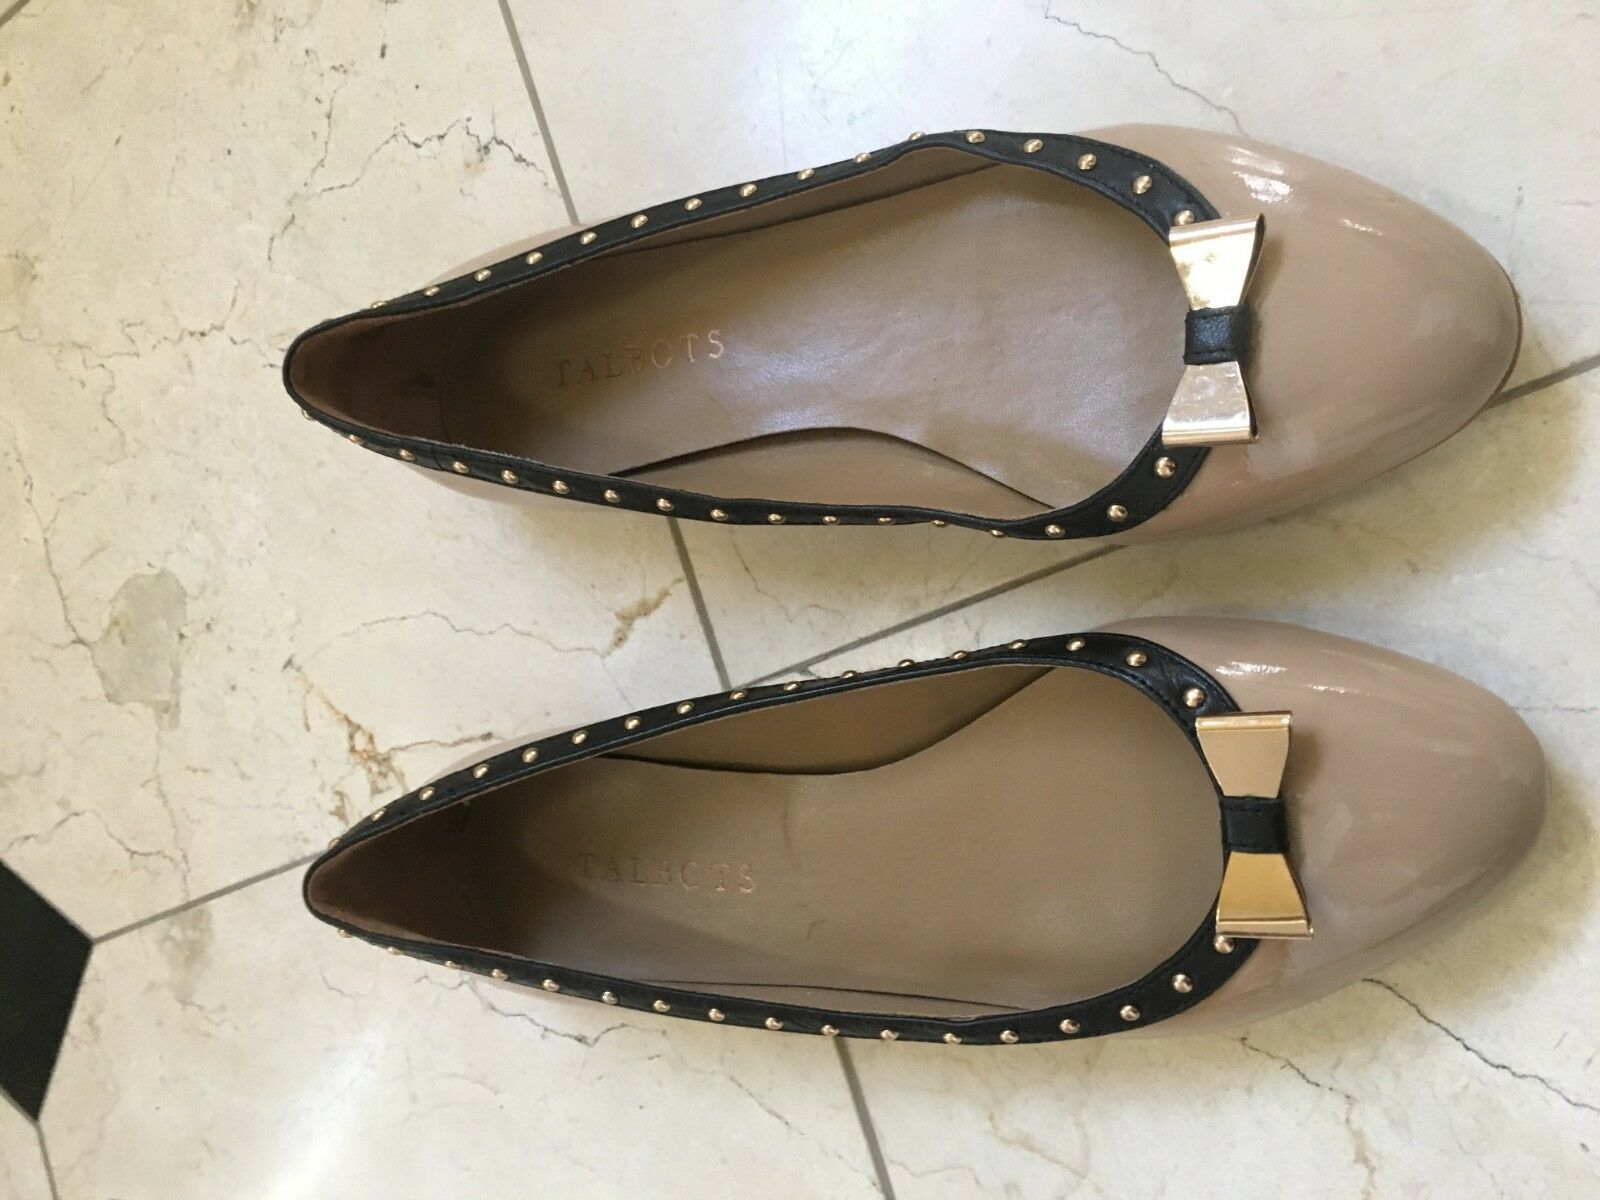 TALBOTS Tan Noir Bordure Or Noeud en Cuir Verni Plates Confort Chaussure Femme Taille 7.5 m